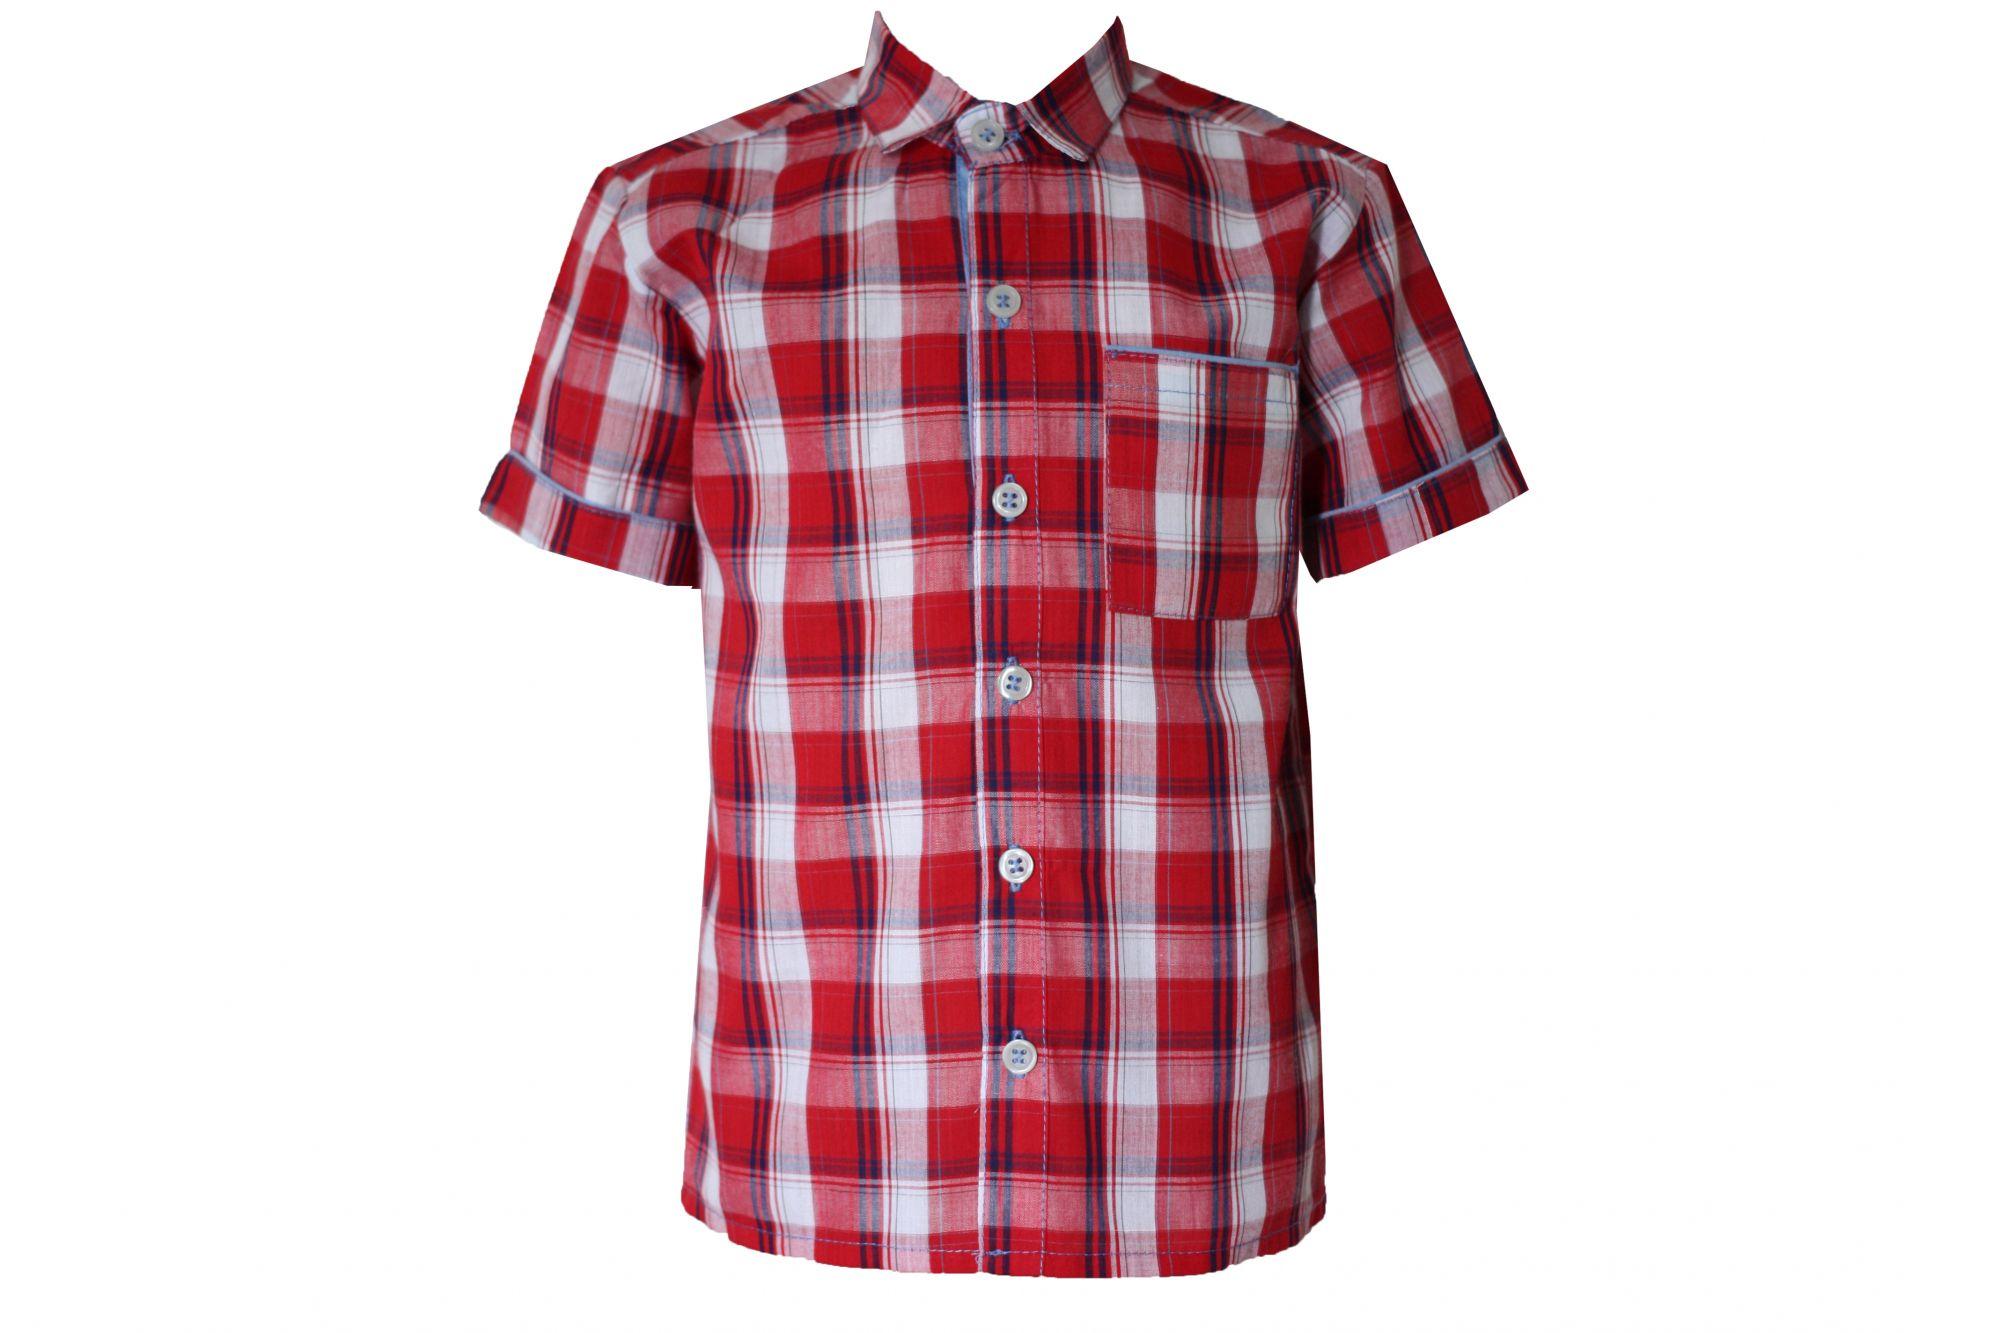 00047886 Рубашка для мальчика детская (клетка)